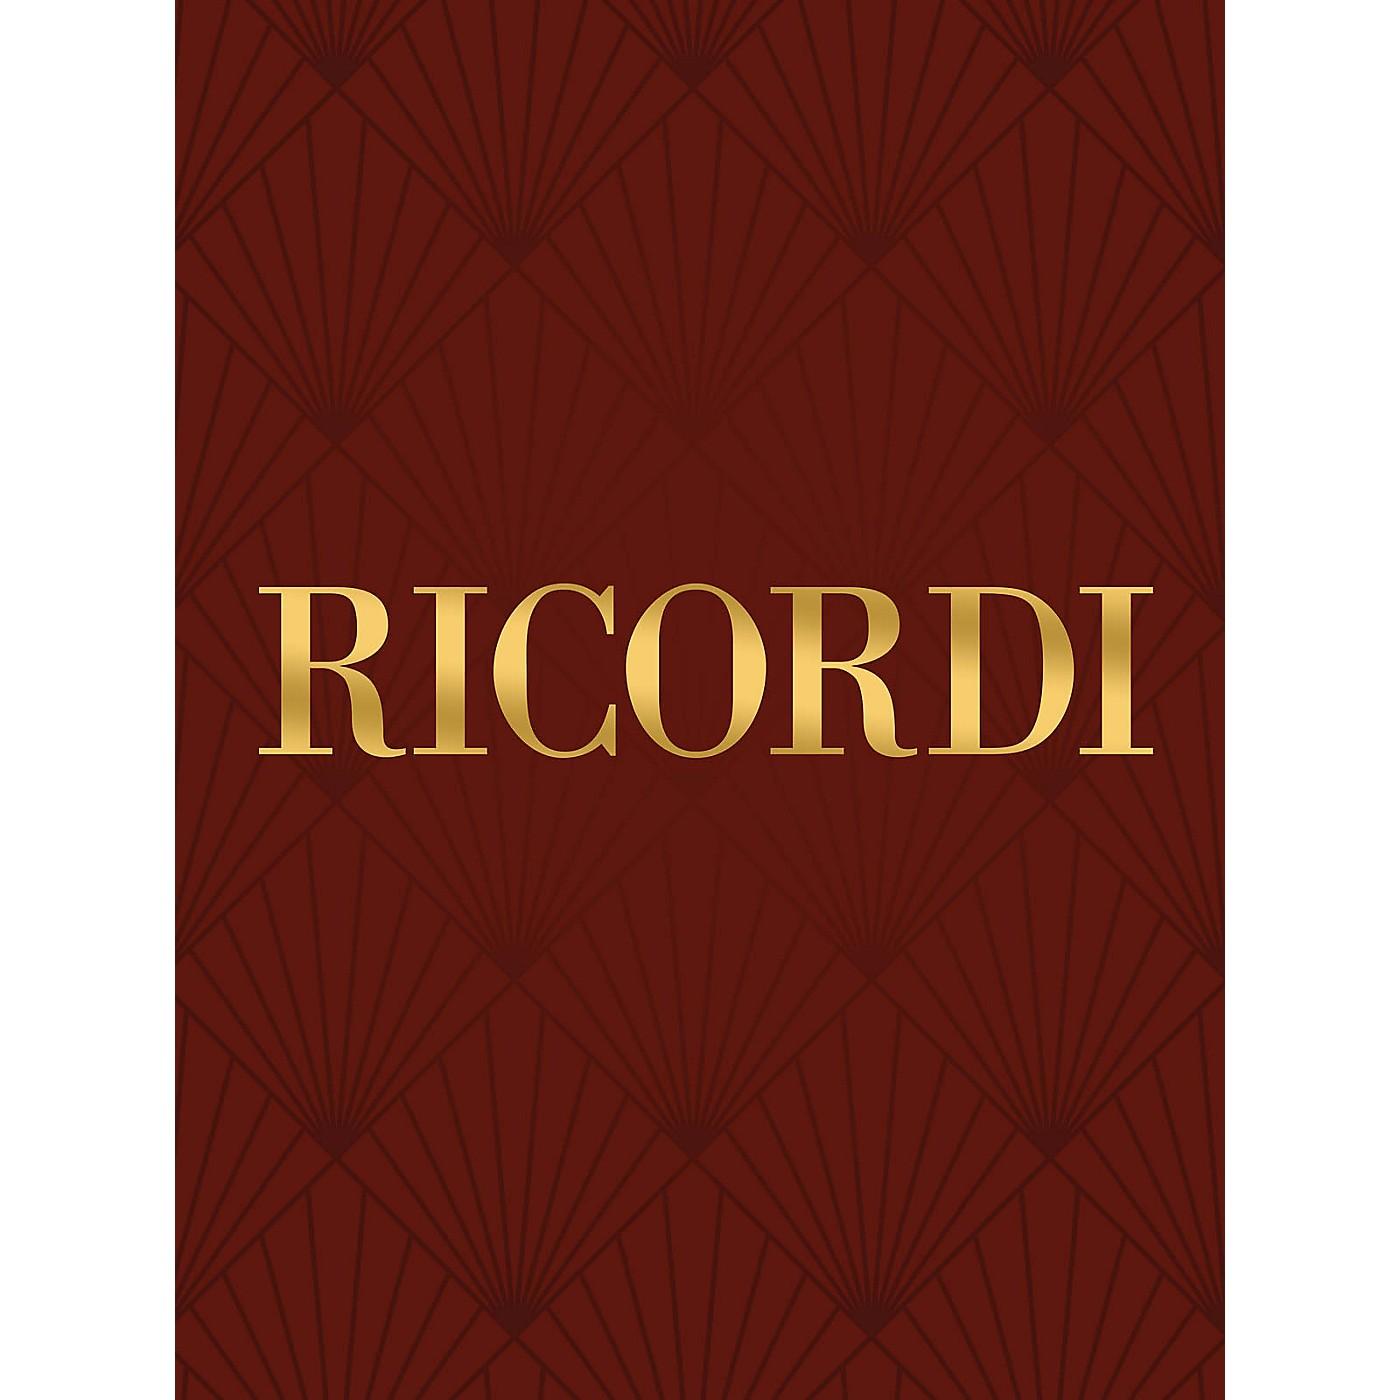 Ricordi Dixit Dominus RV594 (Vocal Score) SATB Composed by Antonio Vivaldi Edited by Francesco Bellezza thumbnail